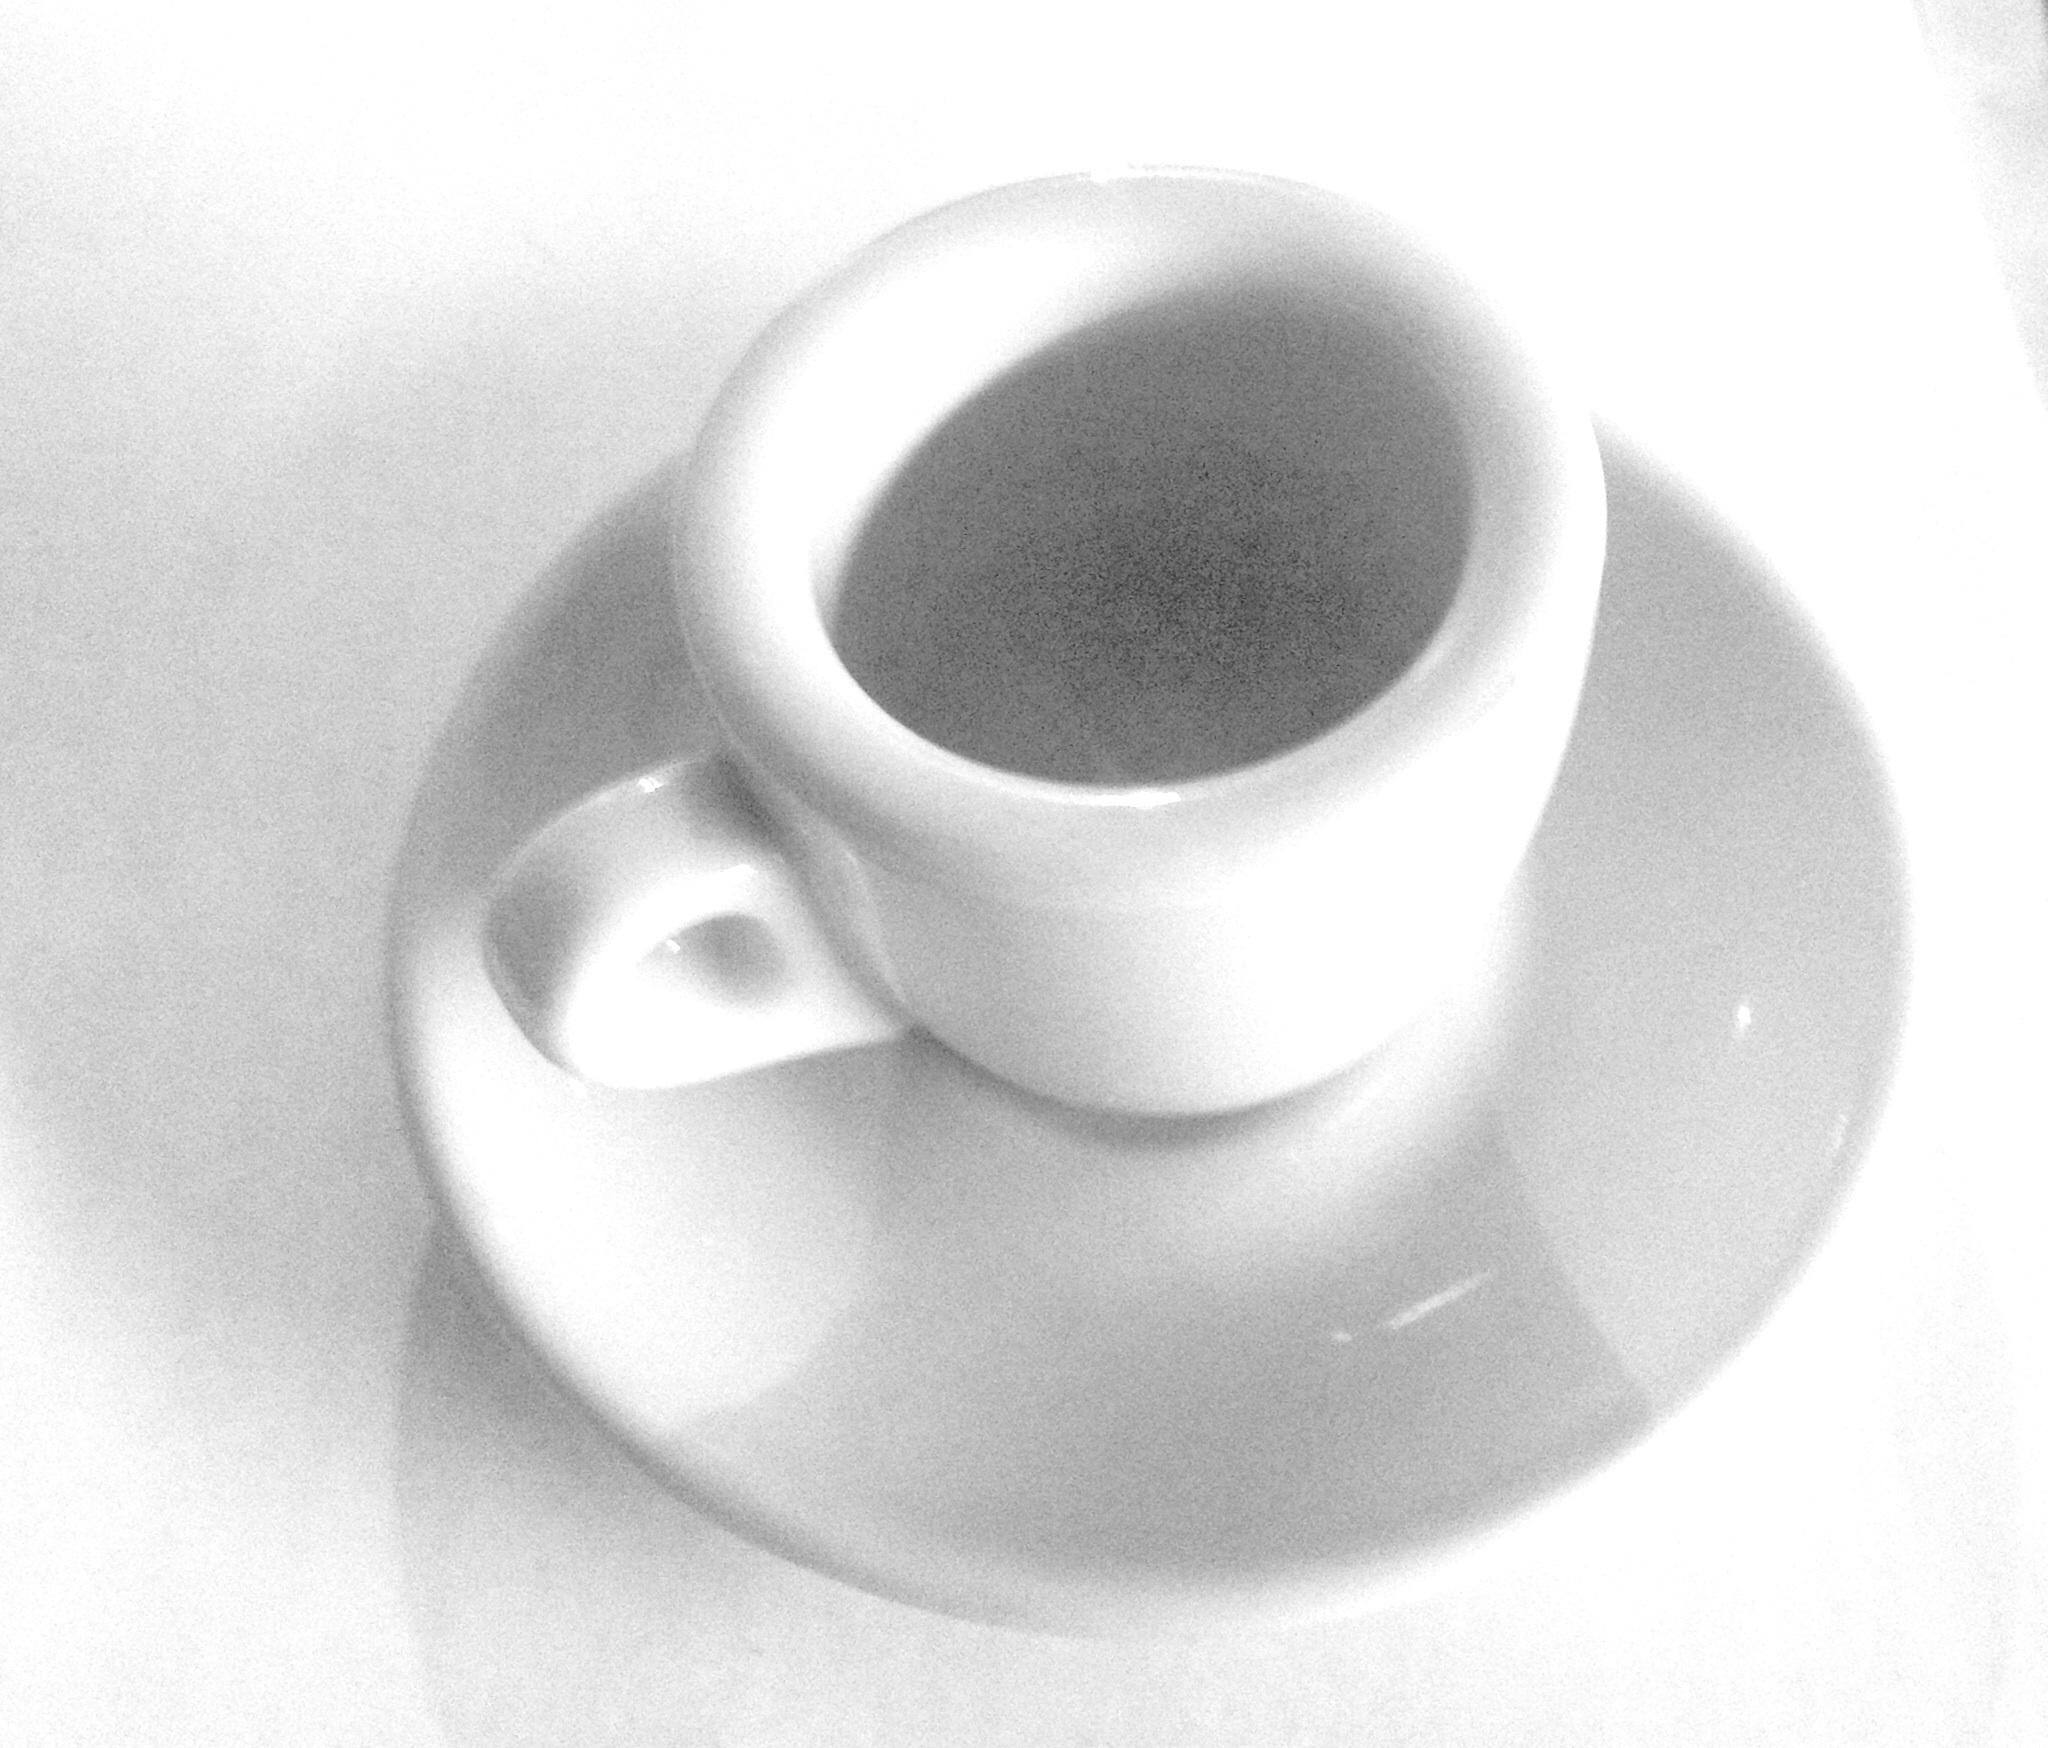 die perfekte espresso tasse zum fressn gern. Black Bedroom Furniture Sets. Home Design Ideas